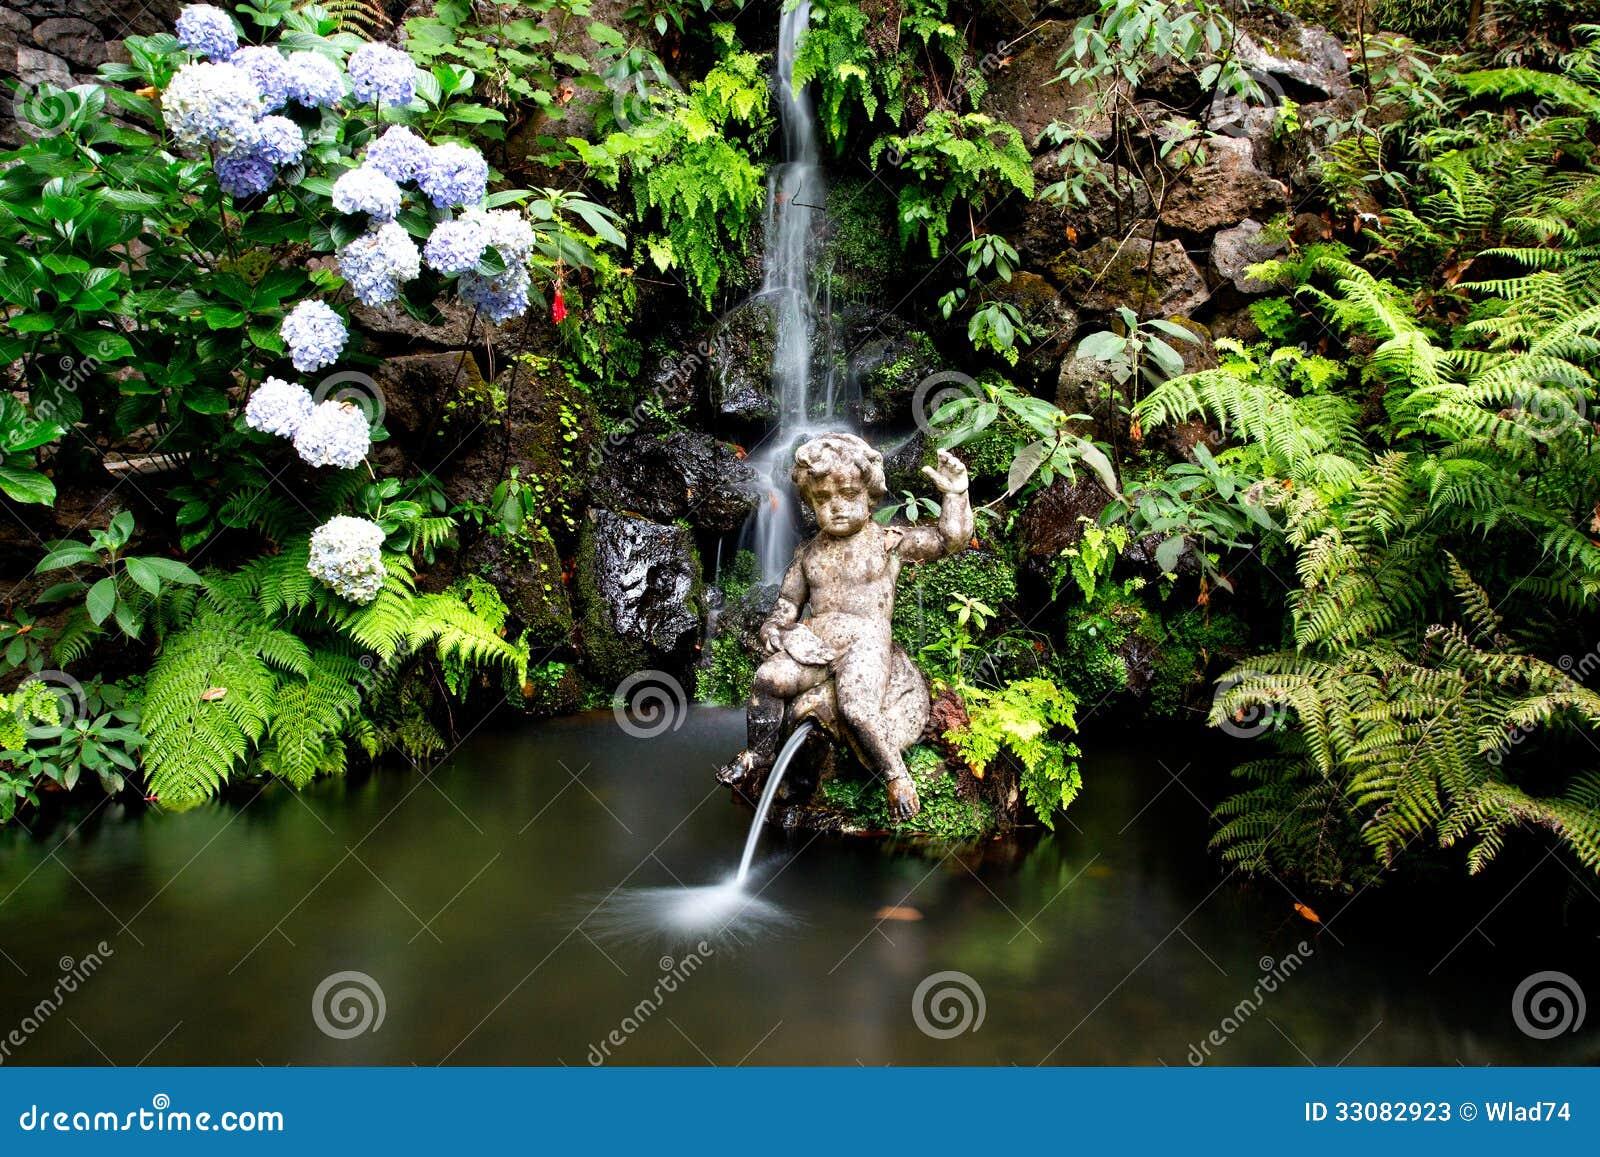 fotos de jardim tropical:Cachoeira E Fonte No Jardim Tropical Em Madeira Fotos de Stock